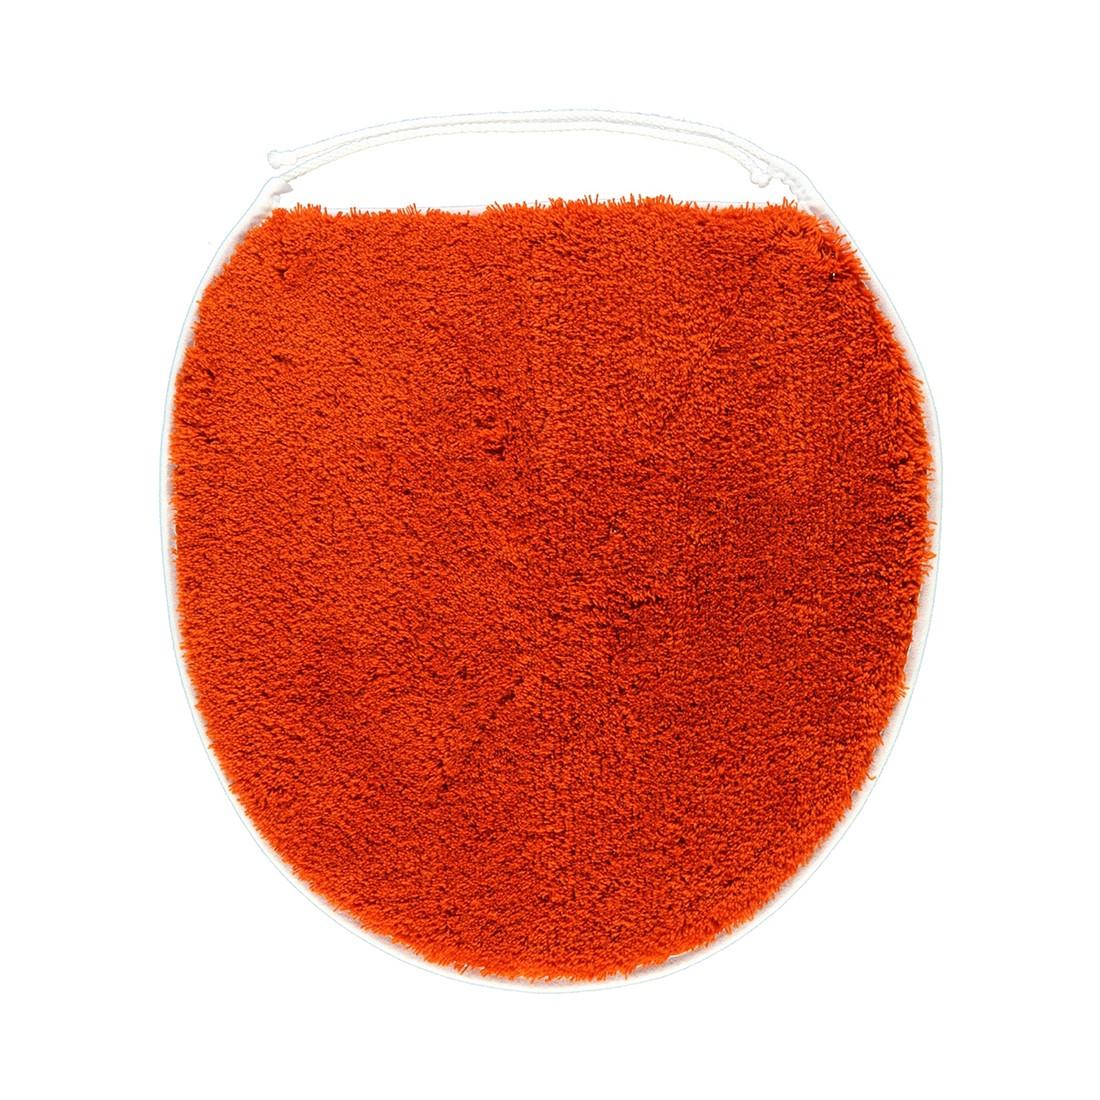 Deckelbezug Soft – 100% Polyacryl Chili – 334, Kleine Wolke kaufen